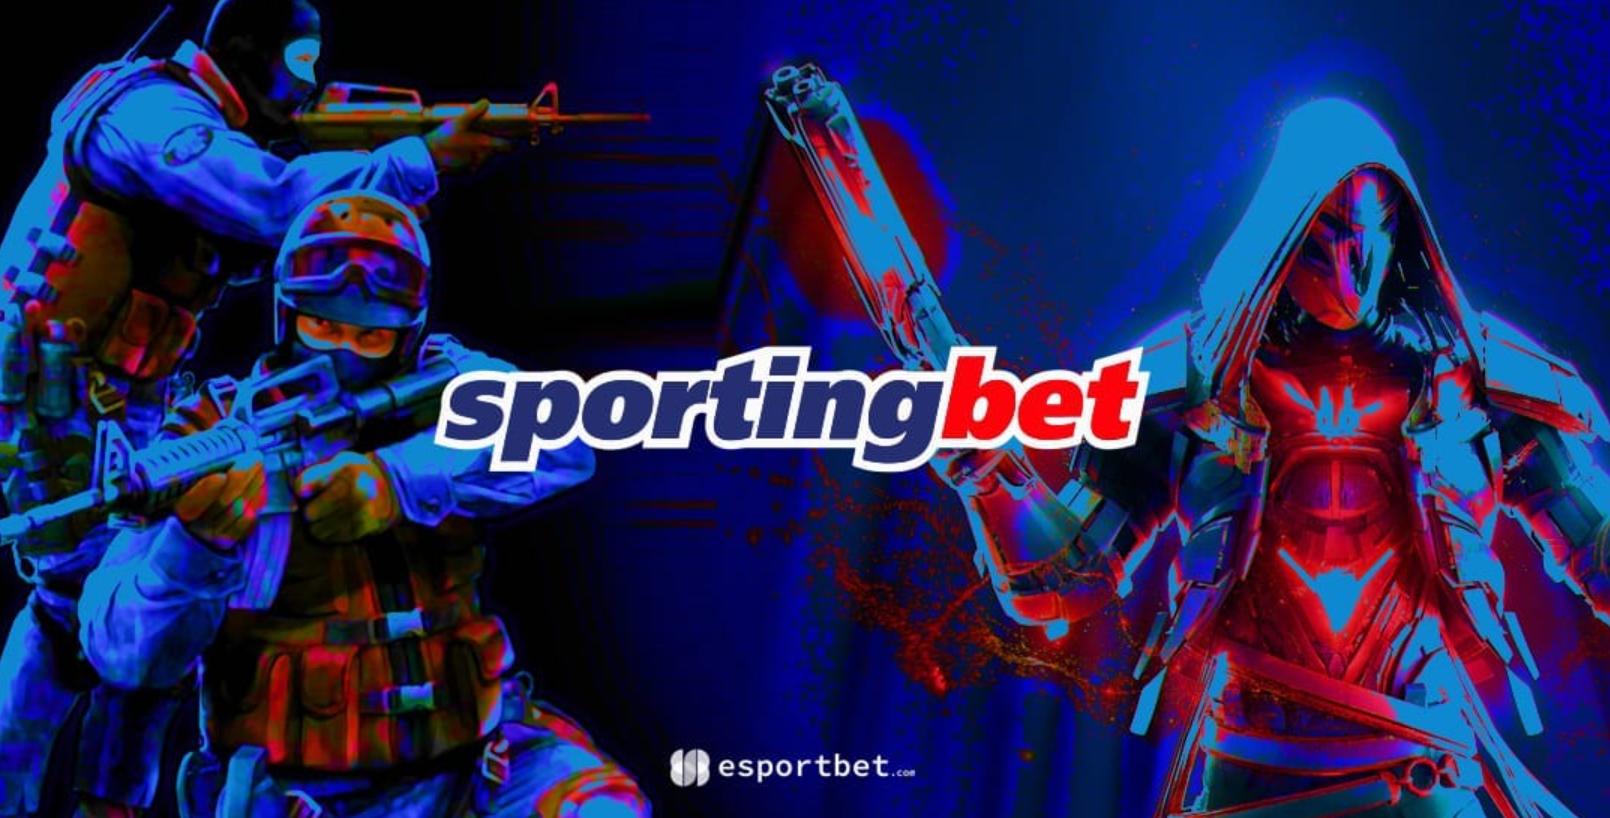 Какви опции за плащане са налични в Sportingbet?